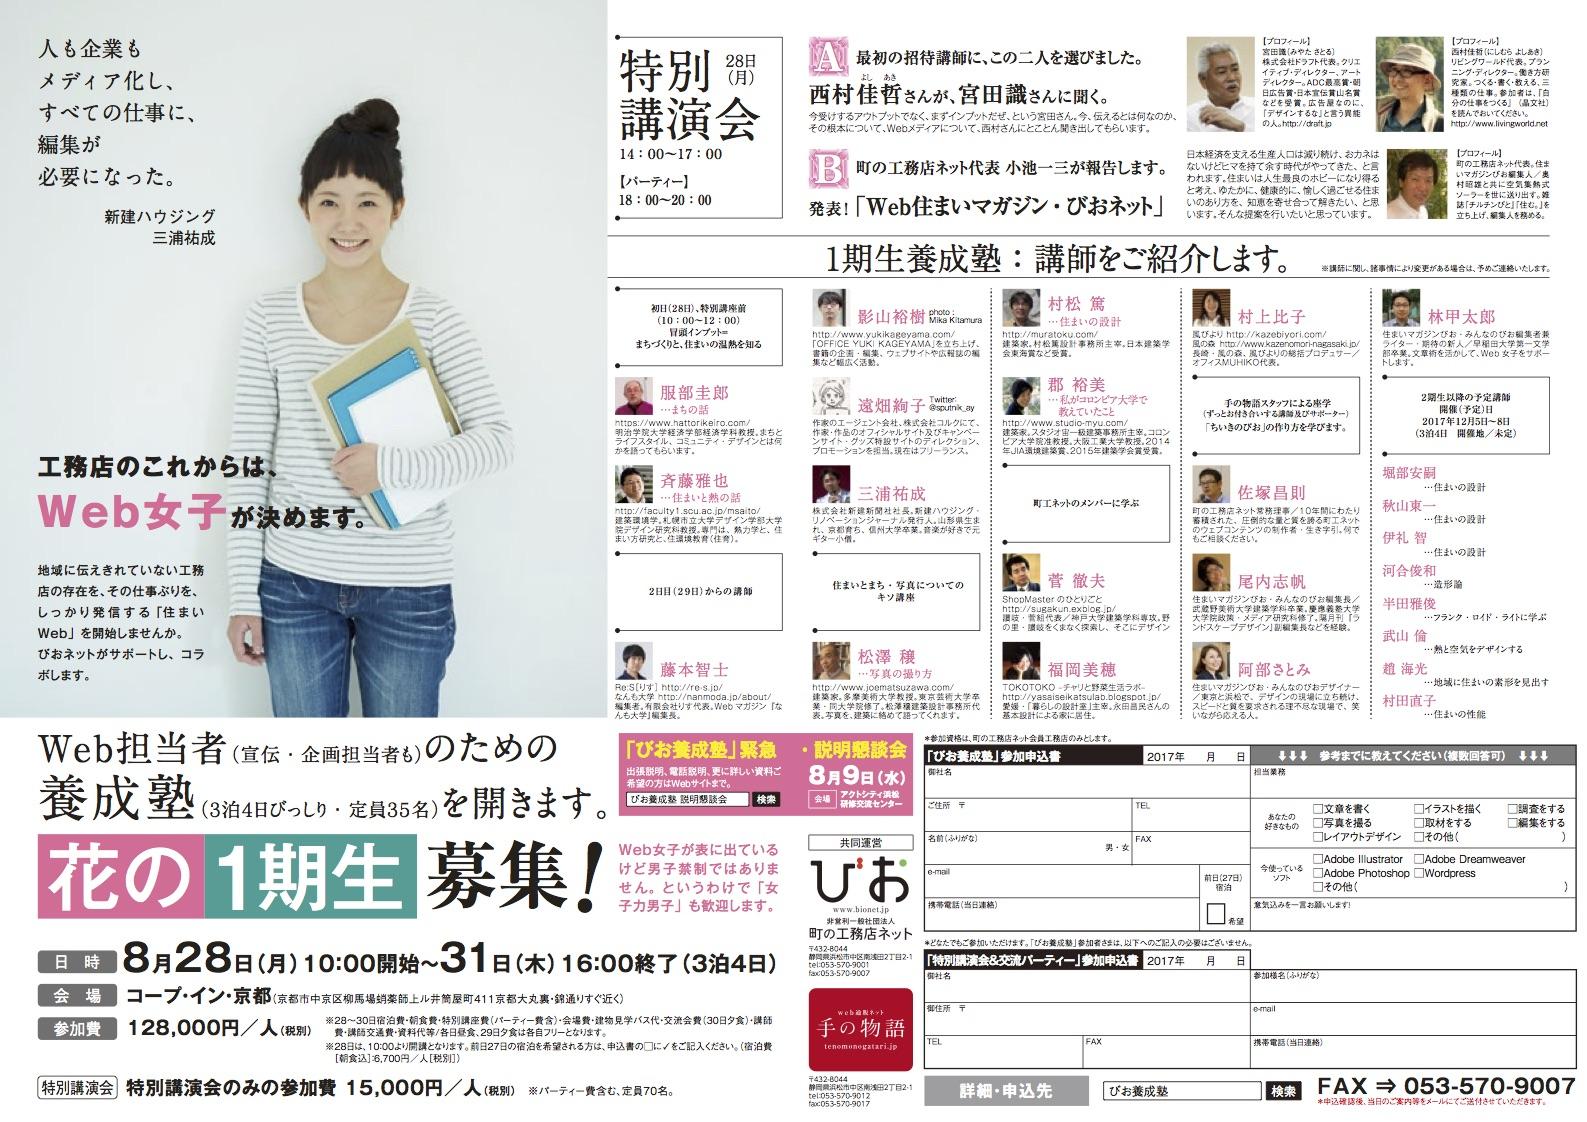 web養成塾広告プラスワン